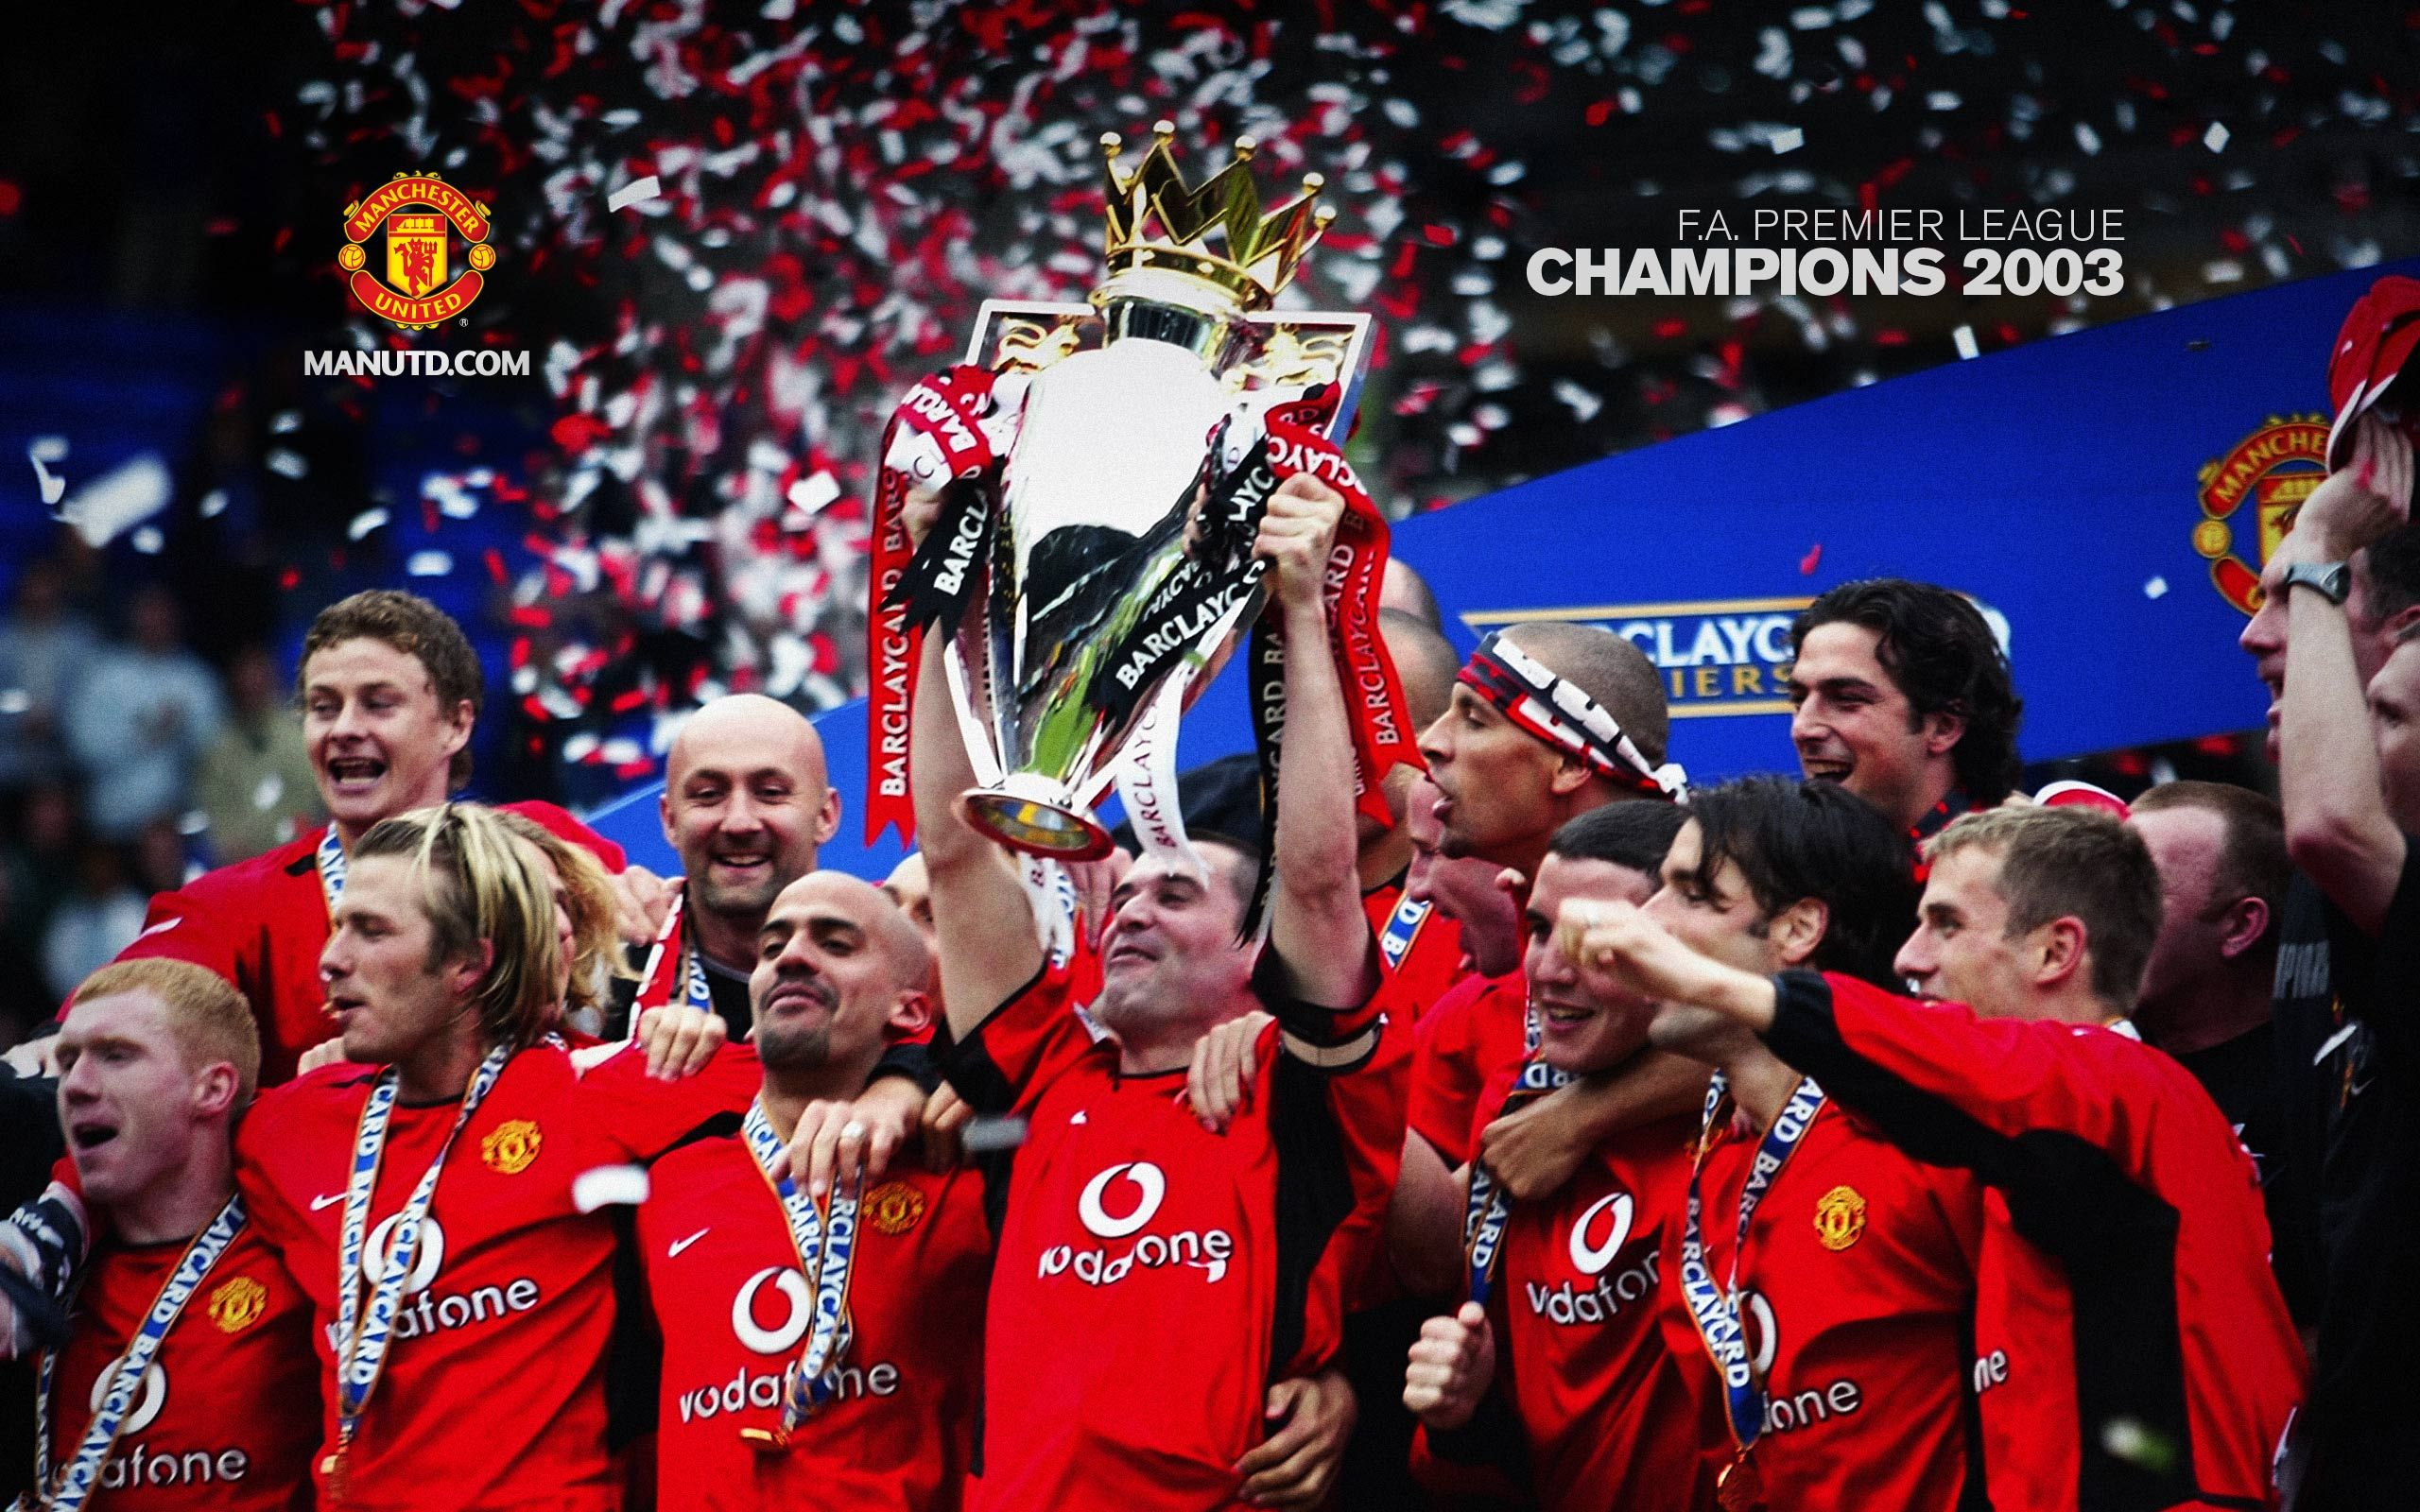 Champions League 2003